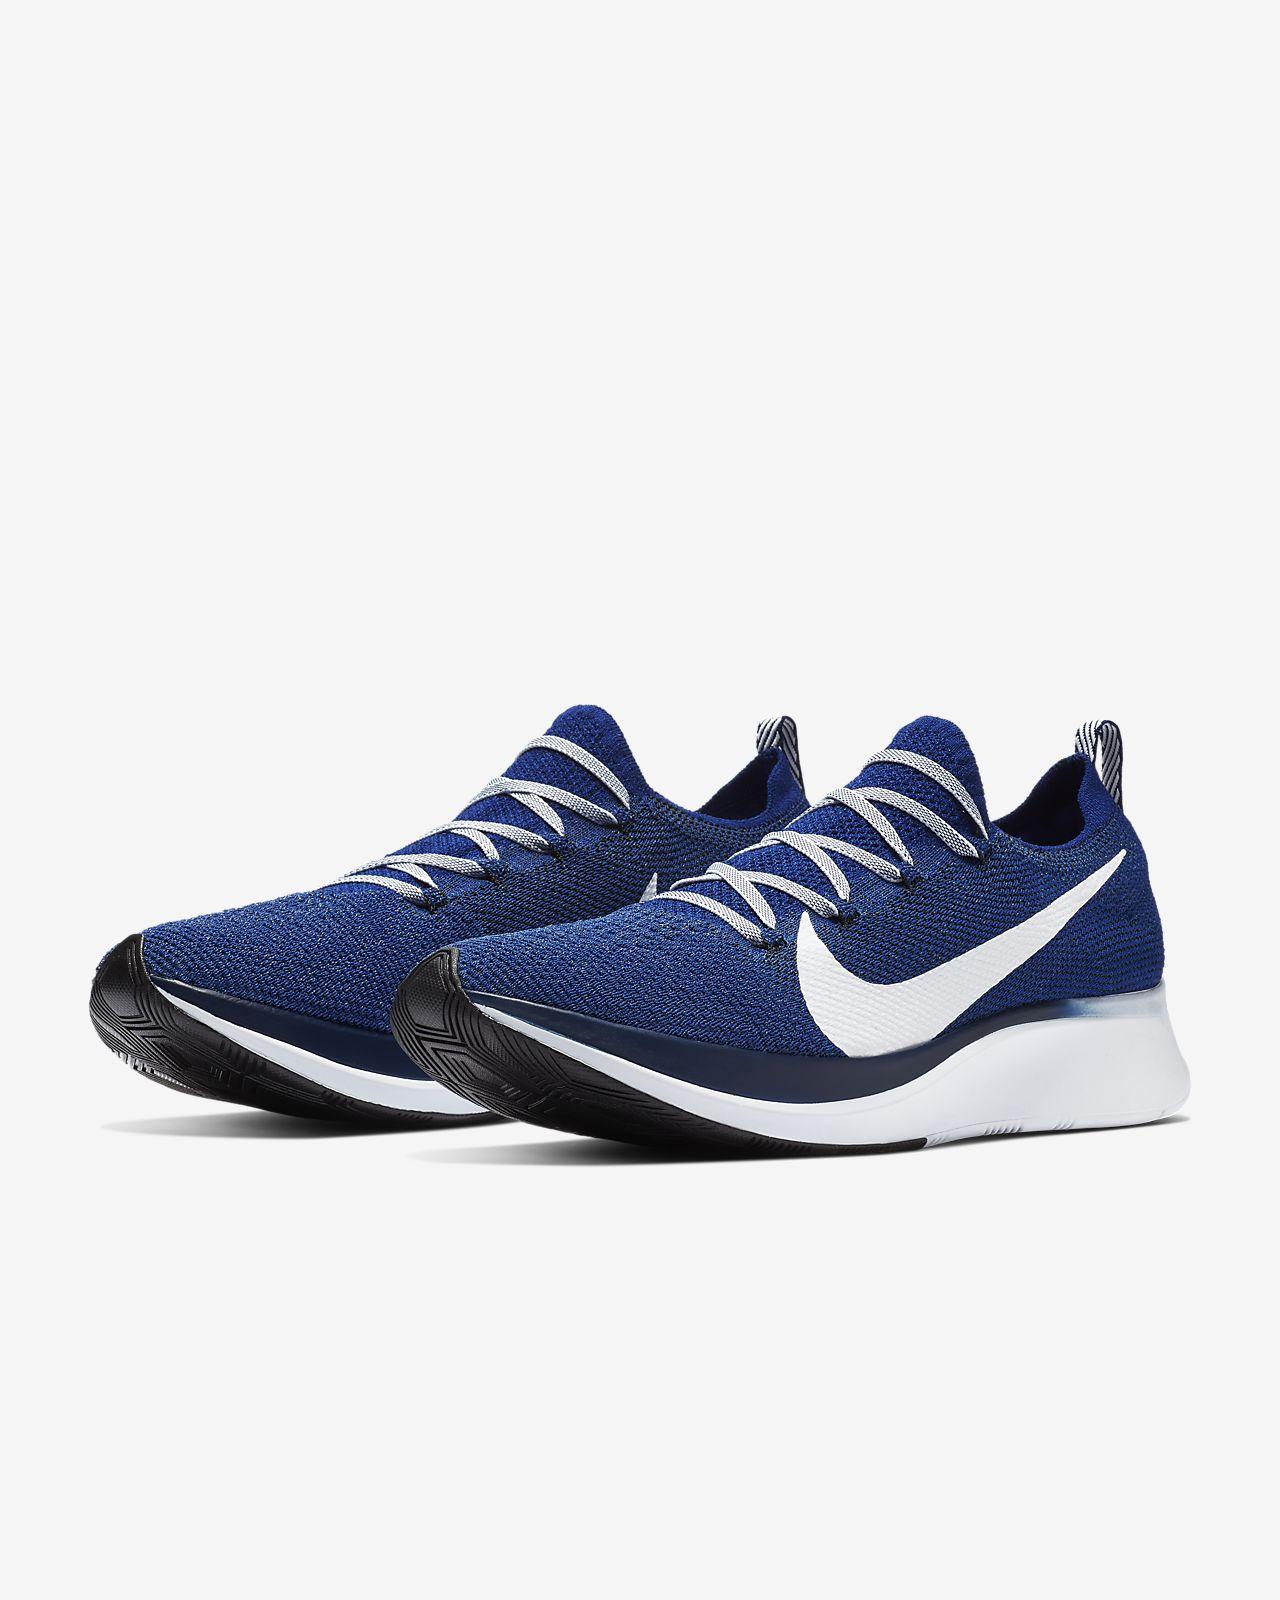 98faa0e924ef Nike Zoom Fly Flyknit Men s Running Shoe. Nike.com ID